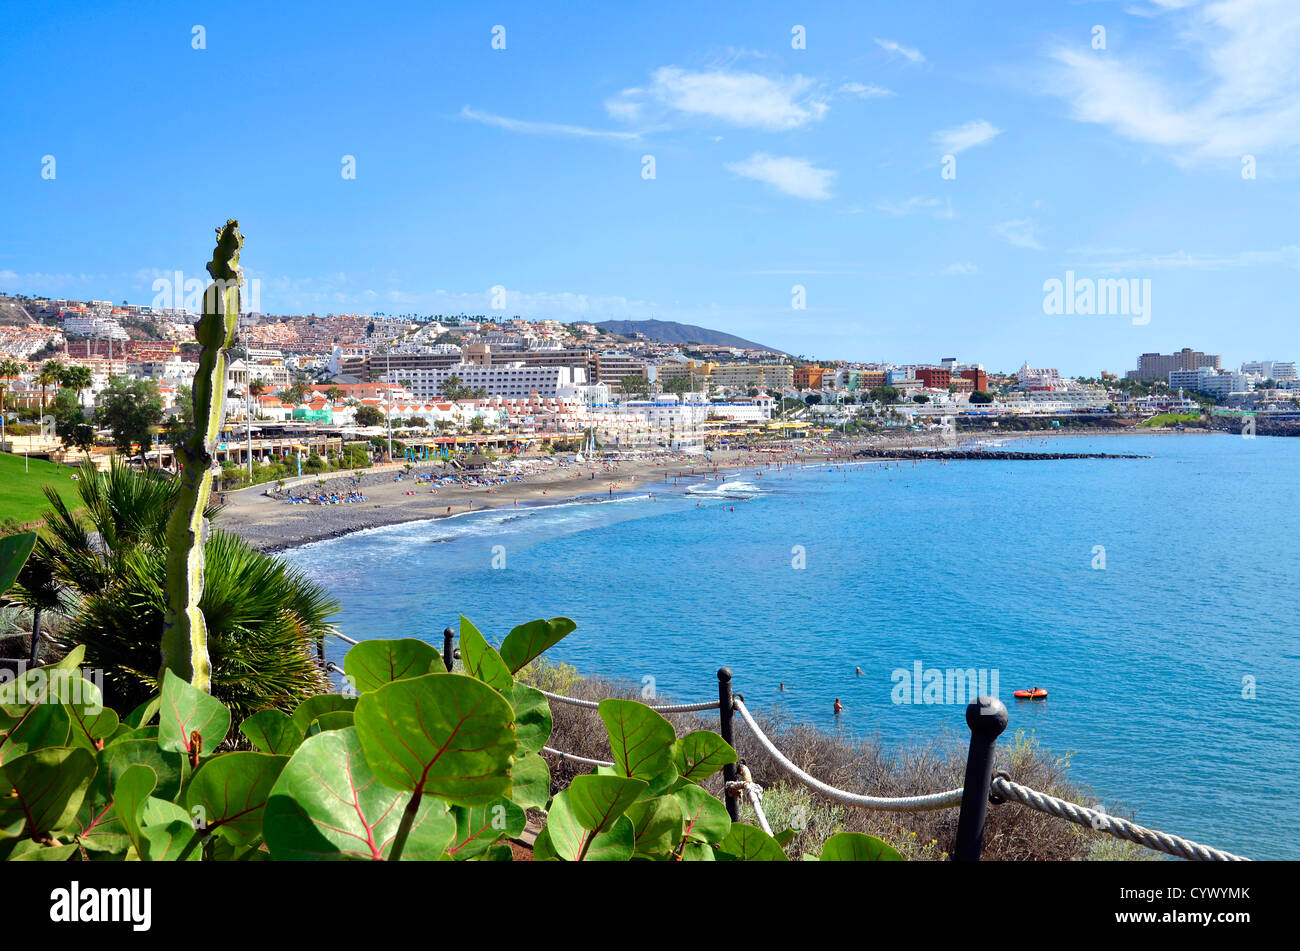 Mirando hacia de Torviscas Fañabé en Costa Adeje, Tenerife, Islas Canarias Imagen De Stock